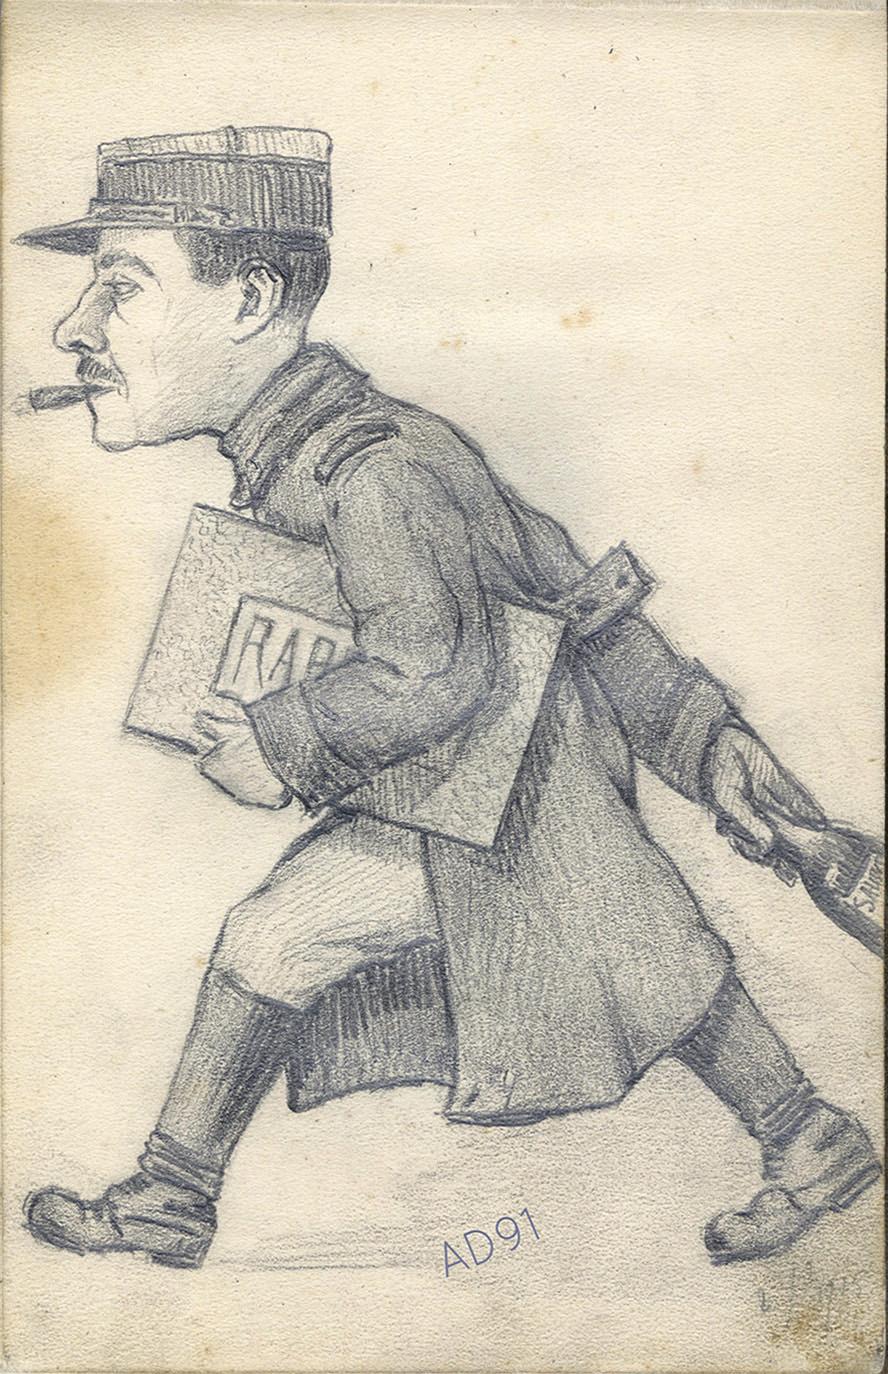 03 - « Le rapport », croquis de Lucien Duclair, 2 février 1915. (93J2/5)